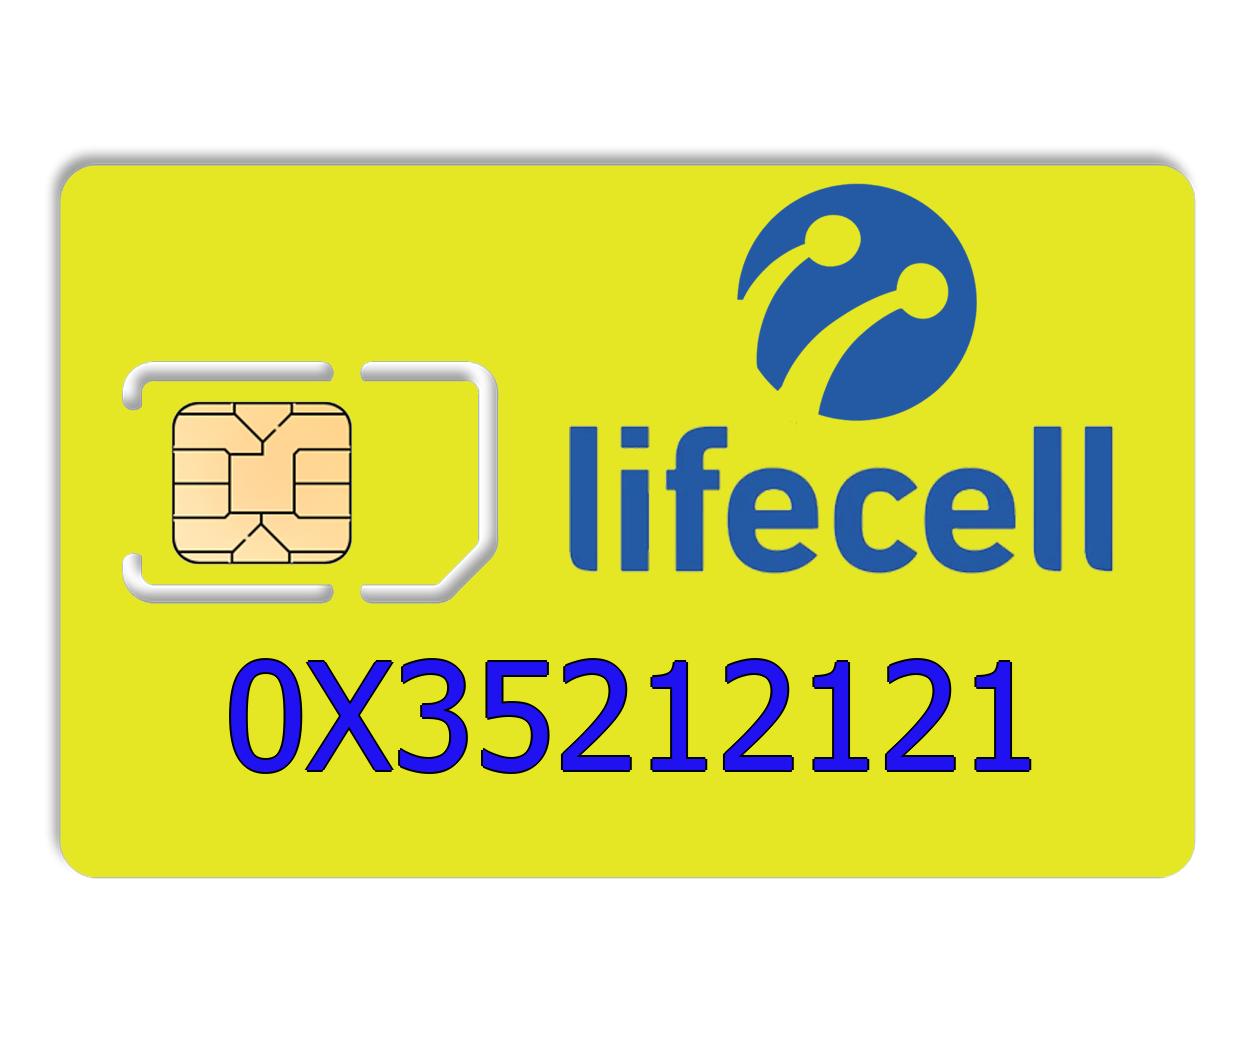 Красивый номер lifecell 0X35212121